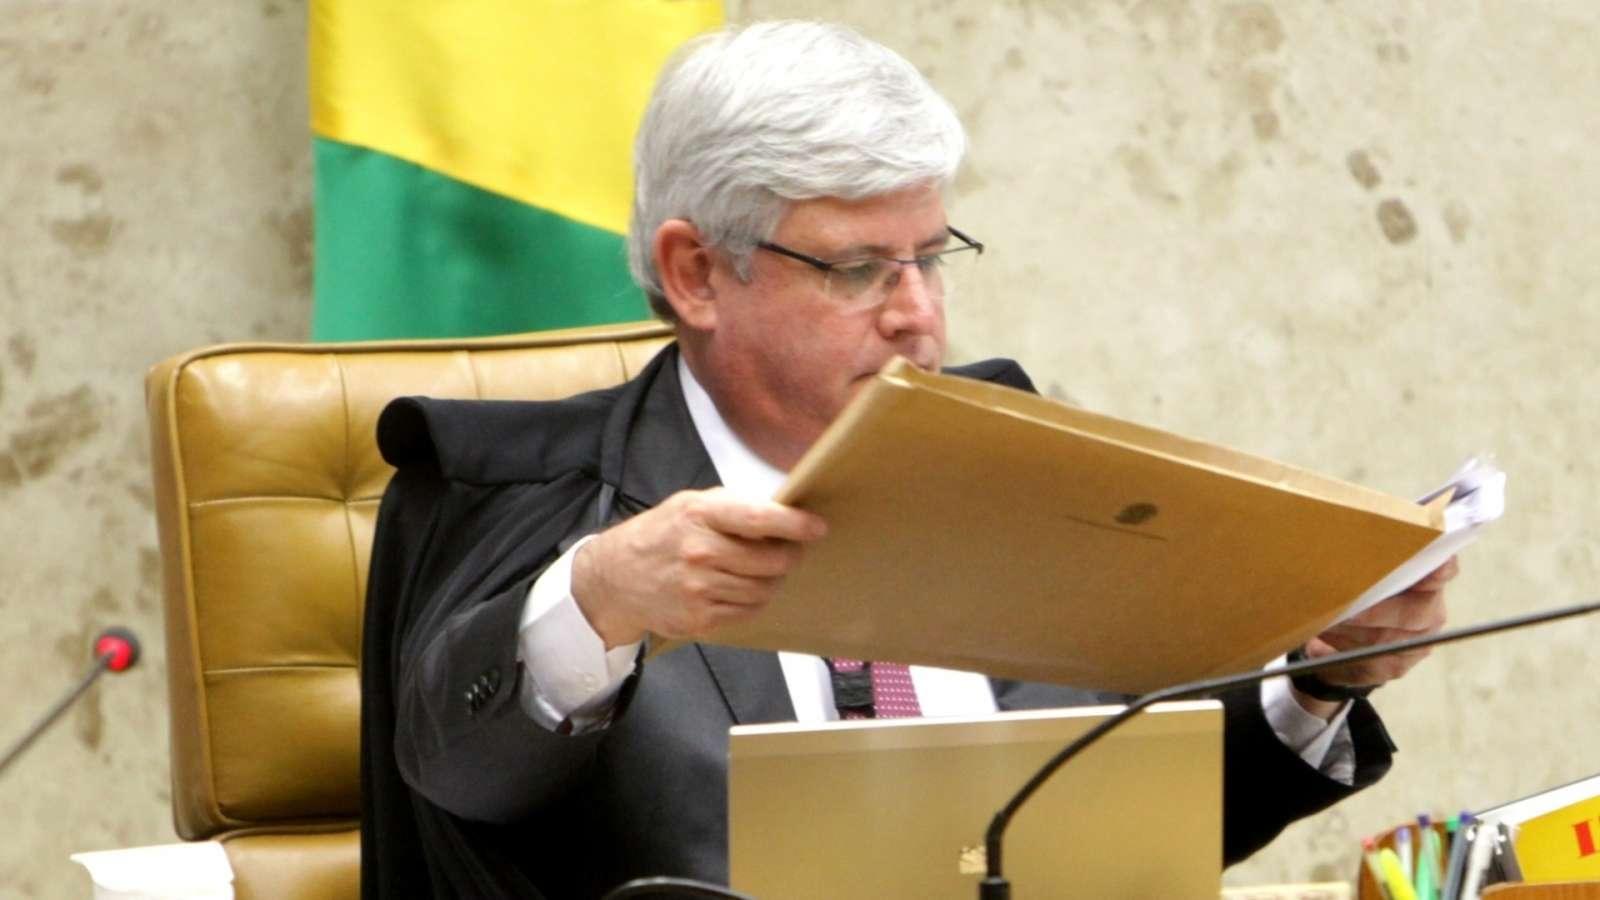 OITENTA CORRUPTOS: A segunda lista de Janot entregue ao STF nesta segunda tem nomes de vários partidos